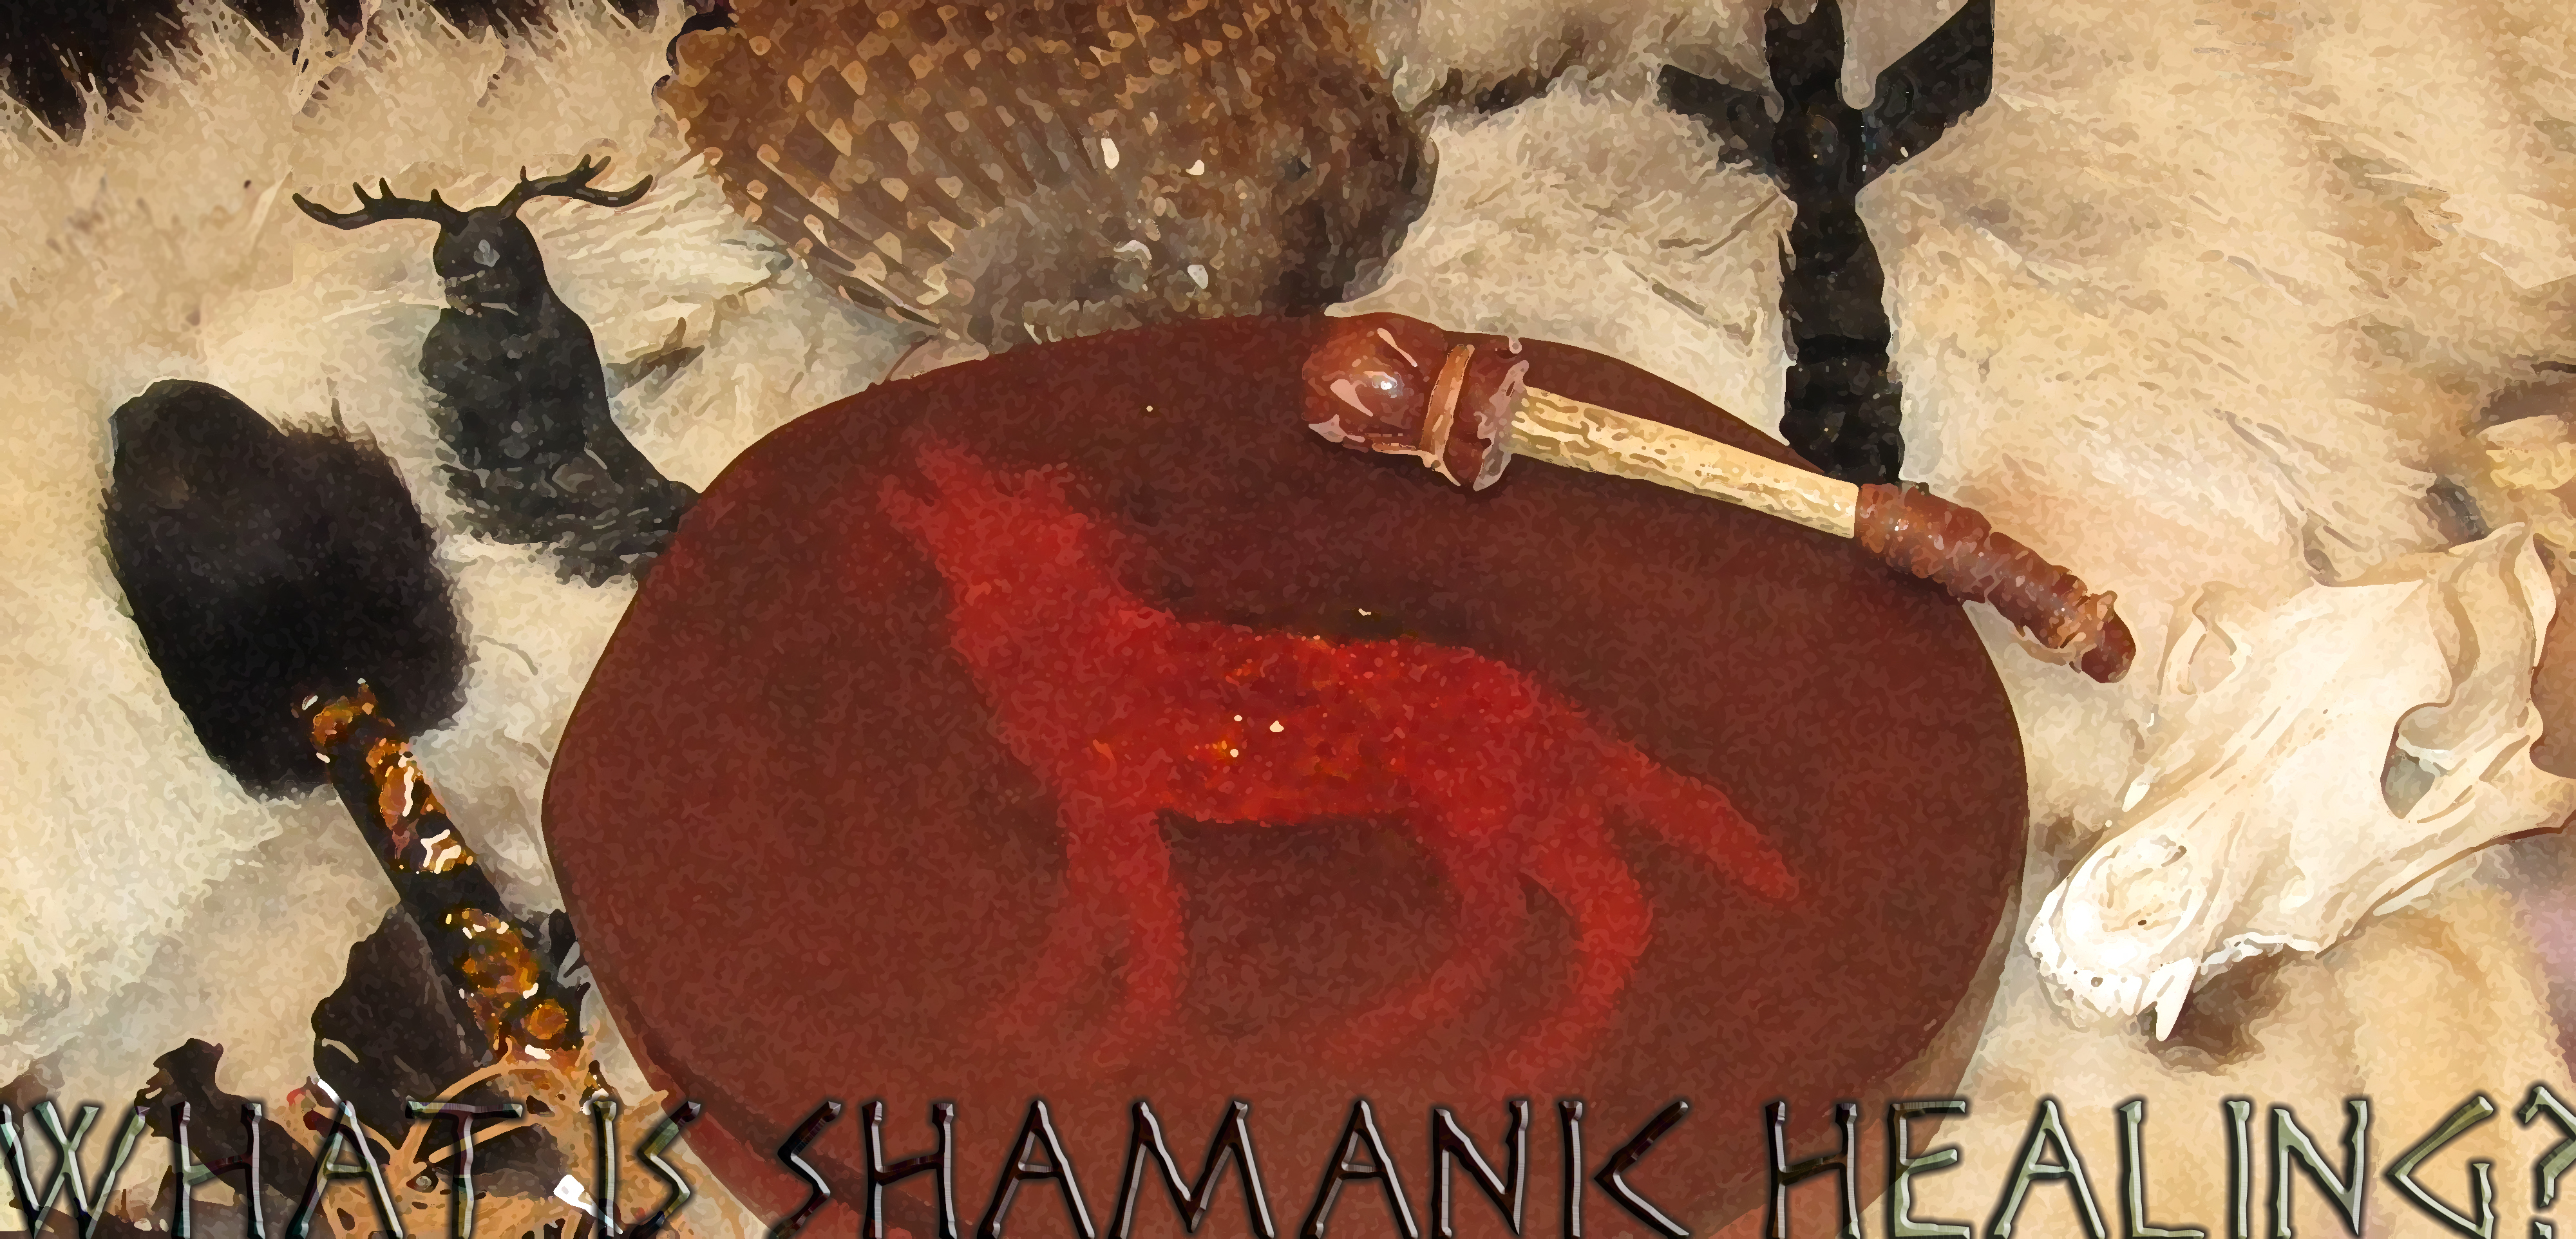 What is shamanic healing? | Firechild's Blog